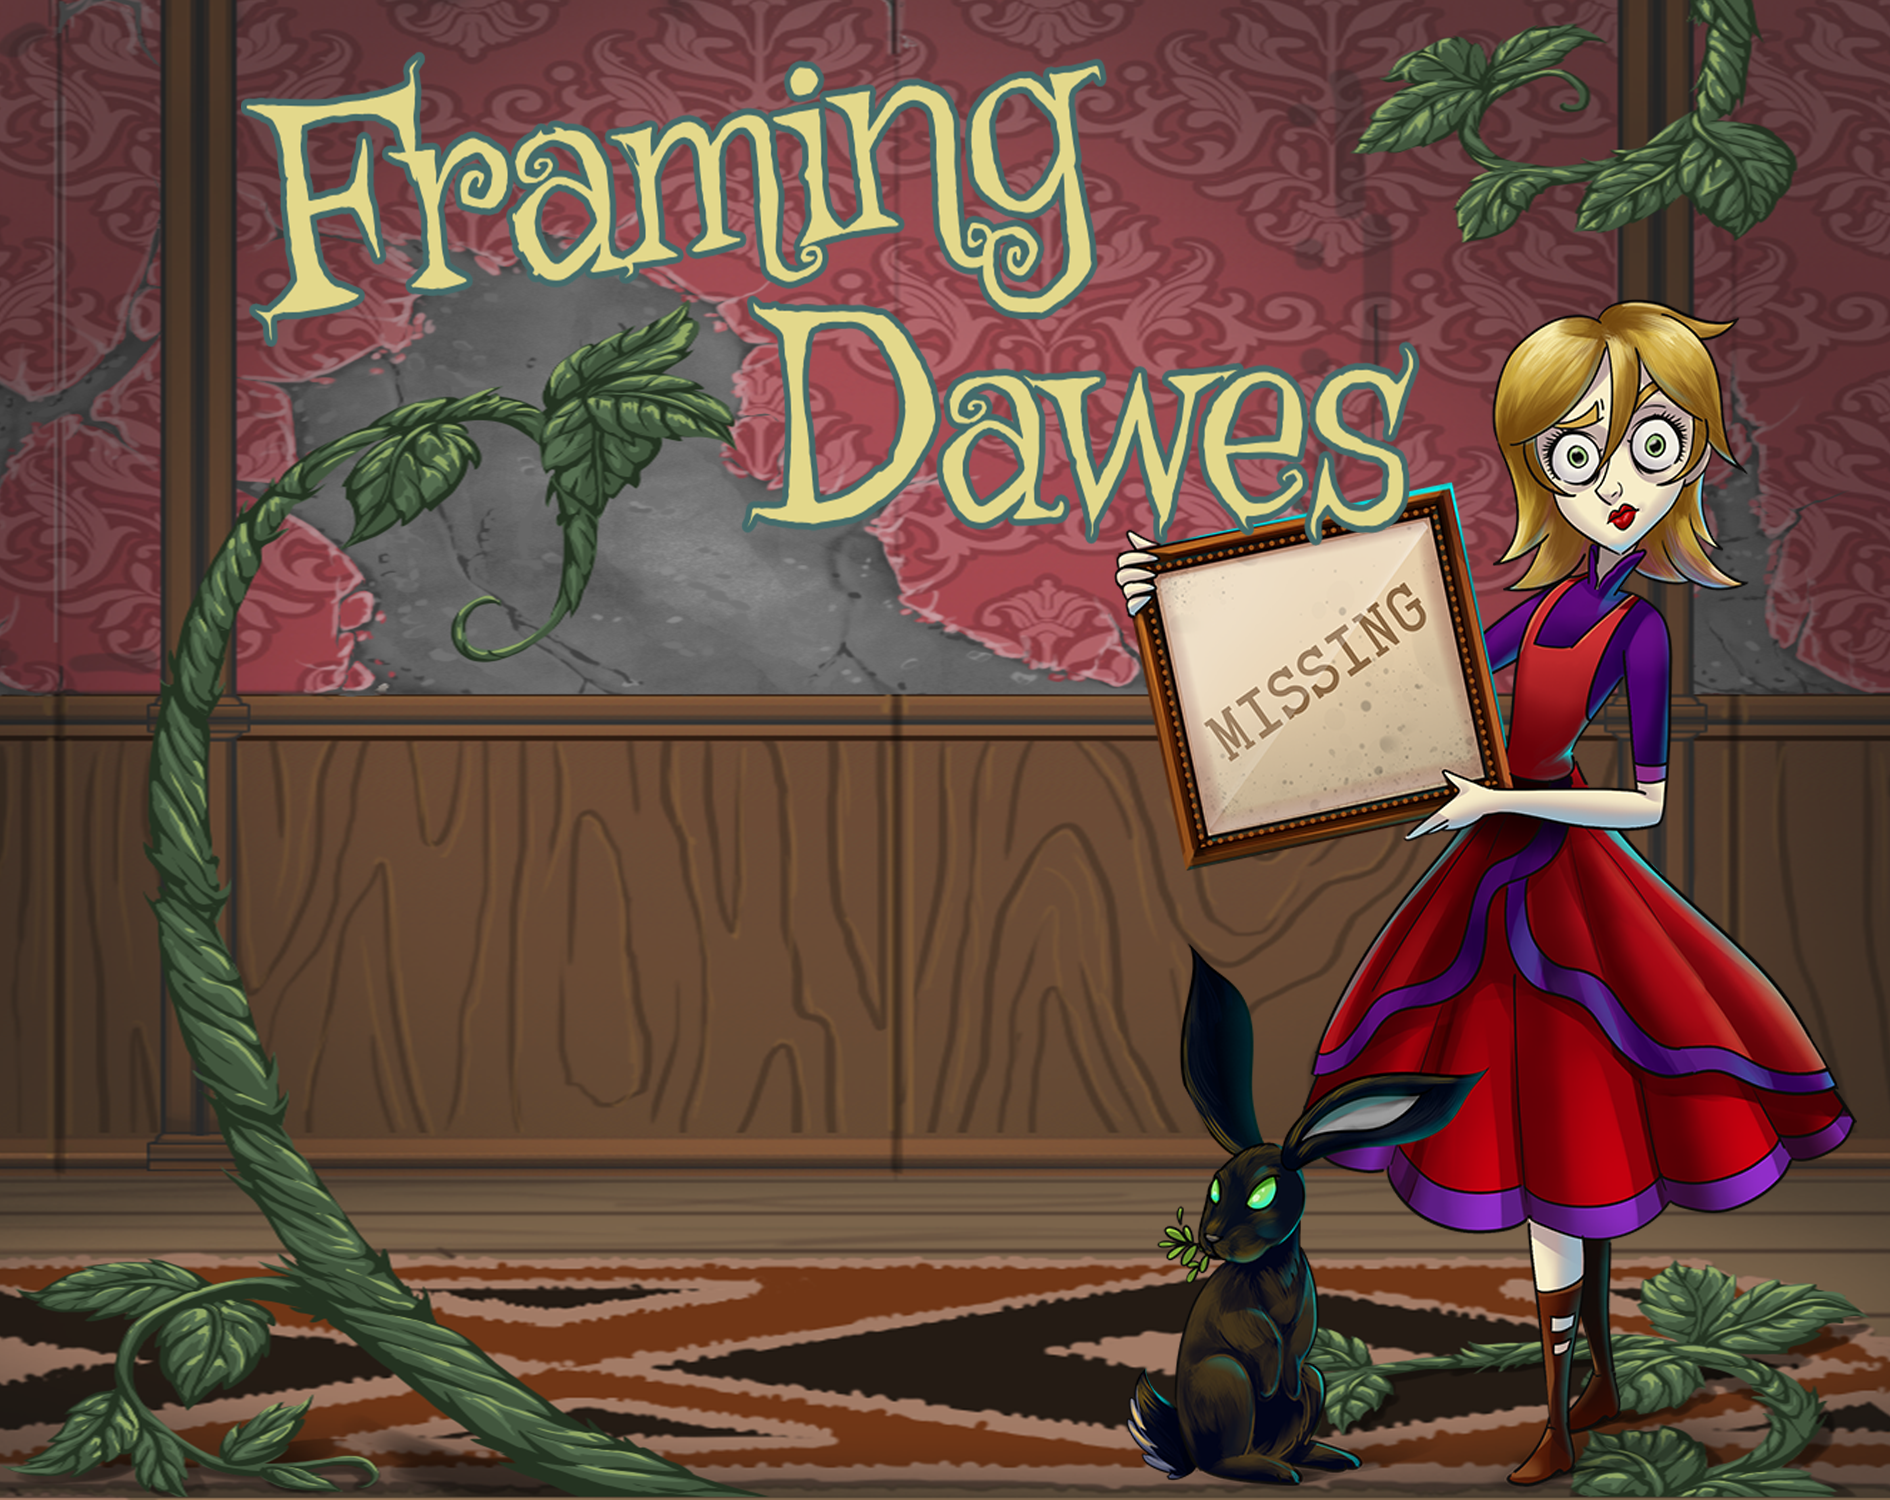 Framing Dawes Demo